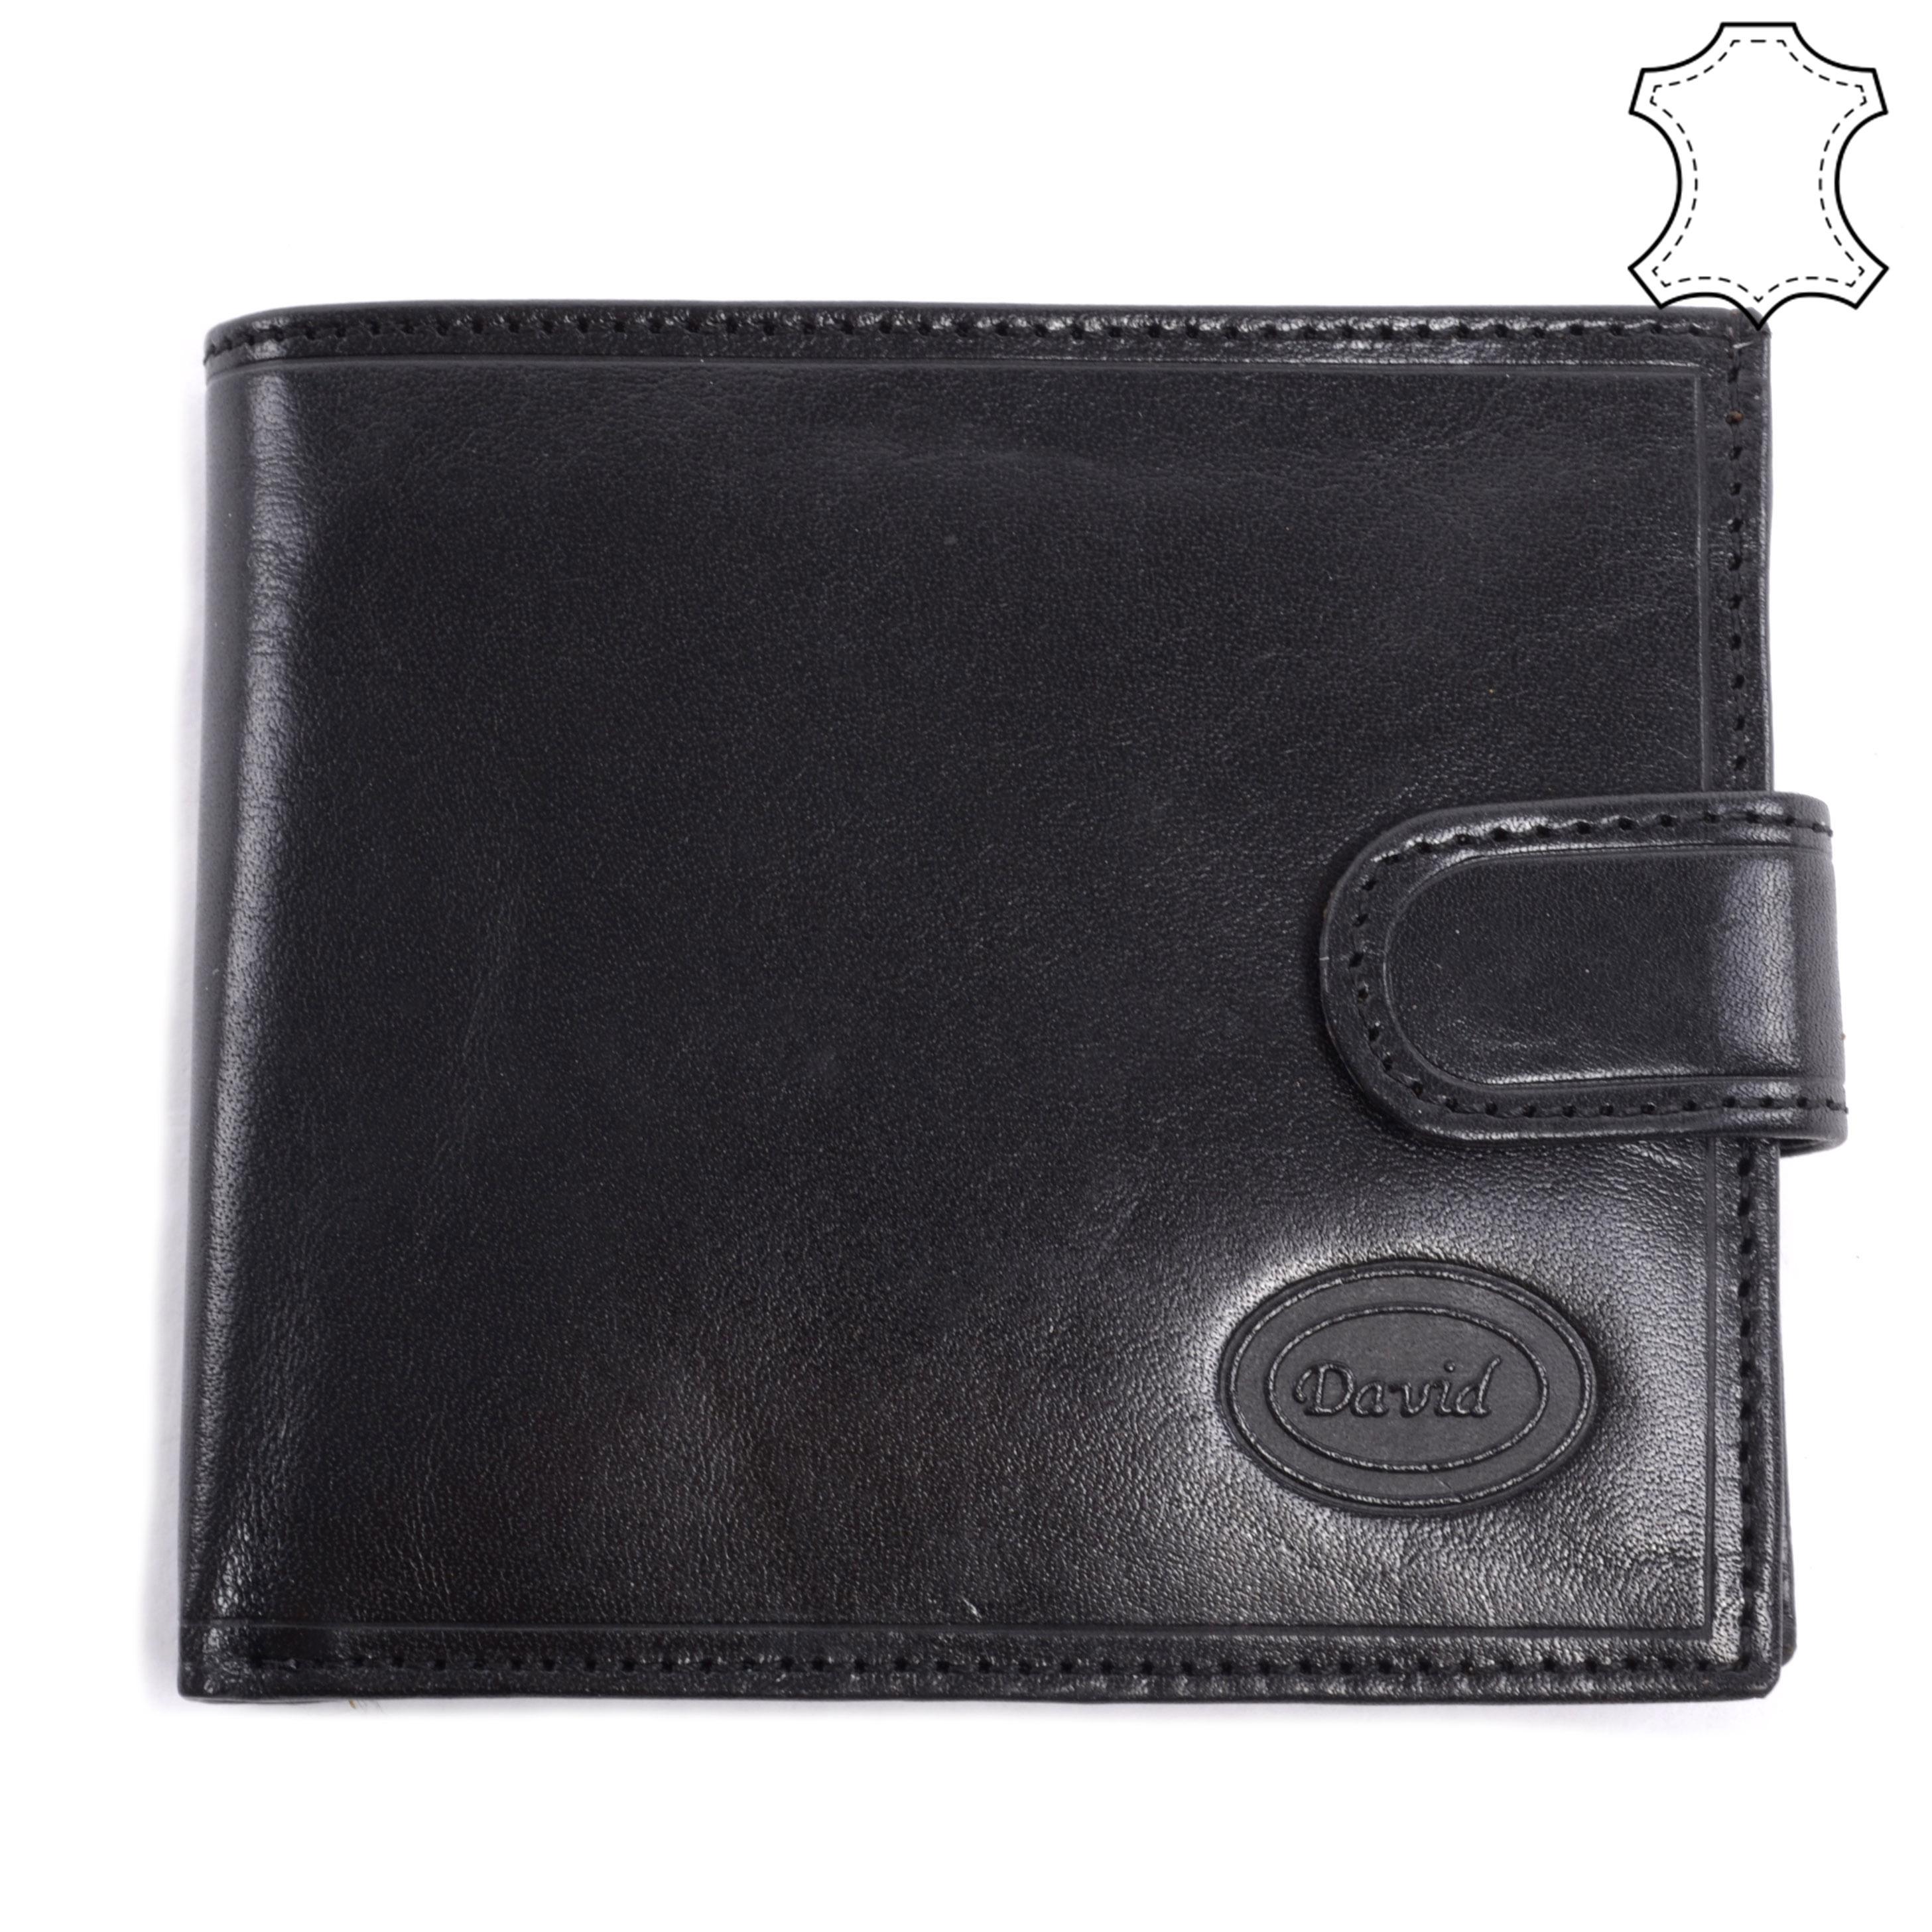 Fekete Férfi Valódi Bőr Pénztárca - FÉRFI PÉNZTÁRCA - Táska webáruház - Minőségi  táskák mindenkinek a7547d182d